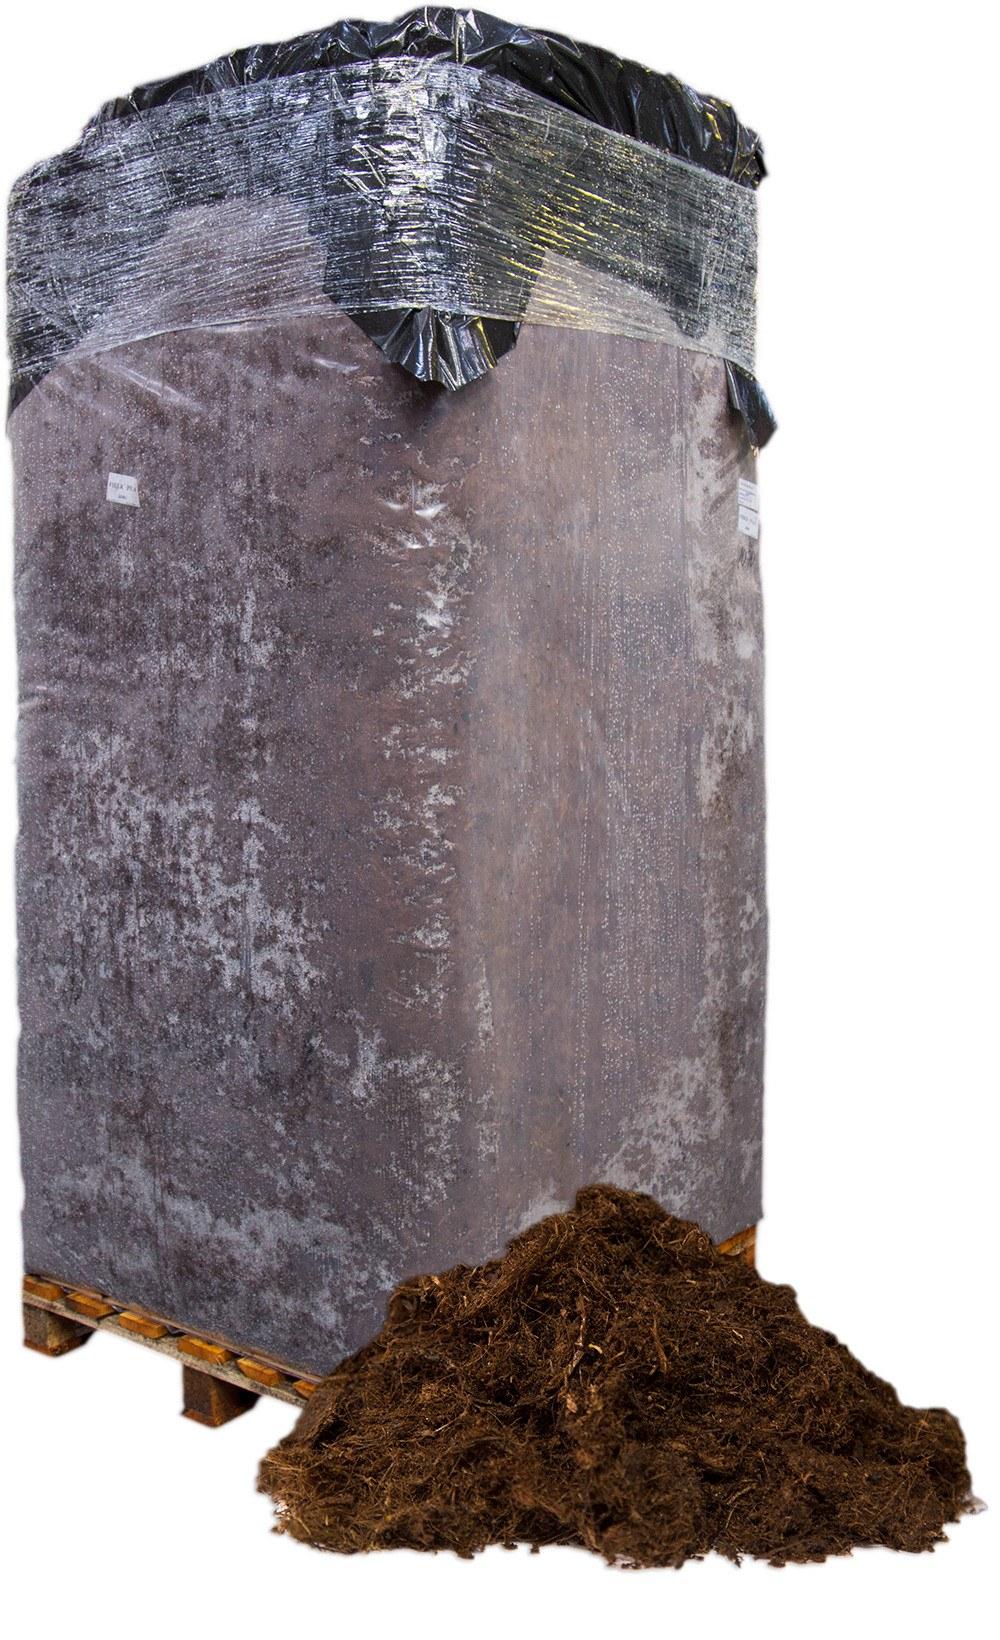 Champost fin sphagnum - 6500 liter